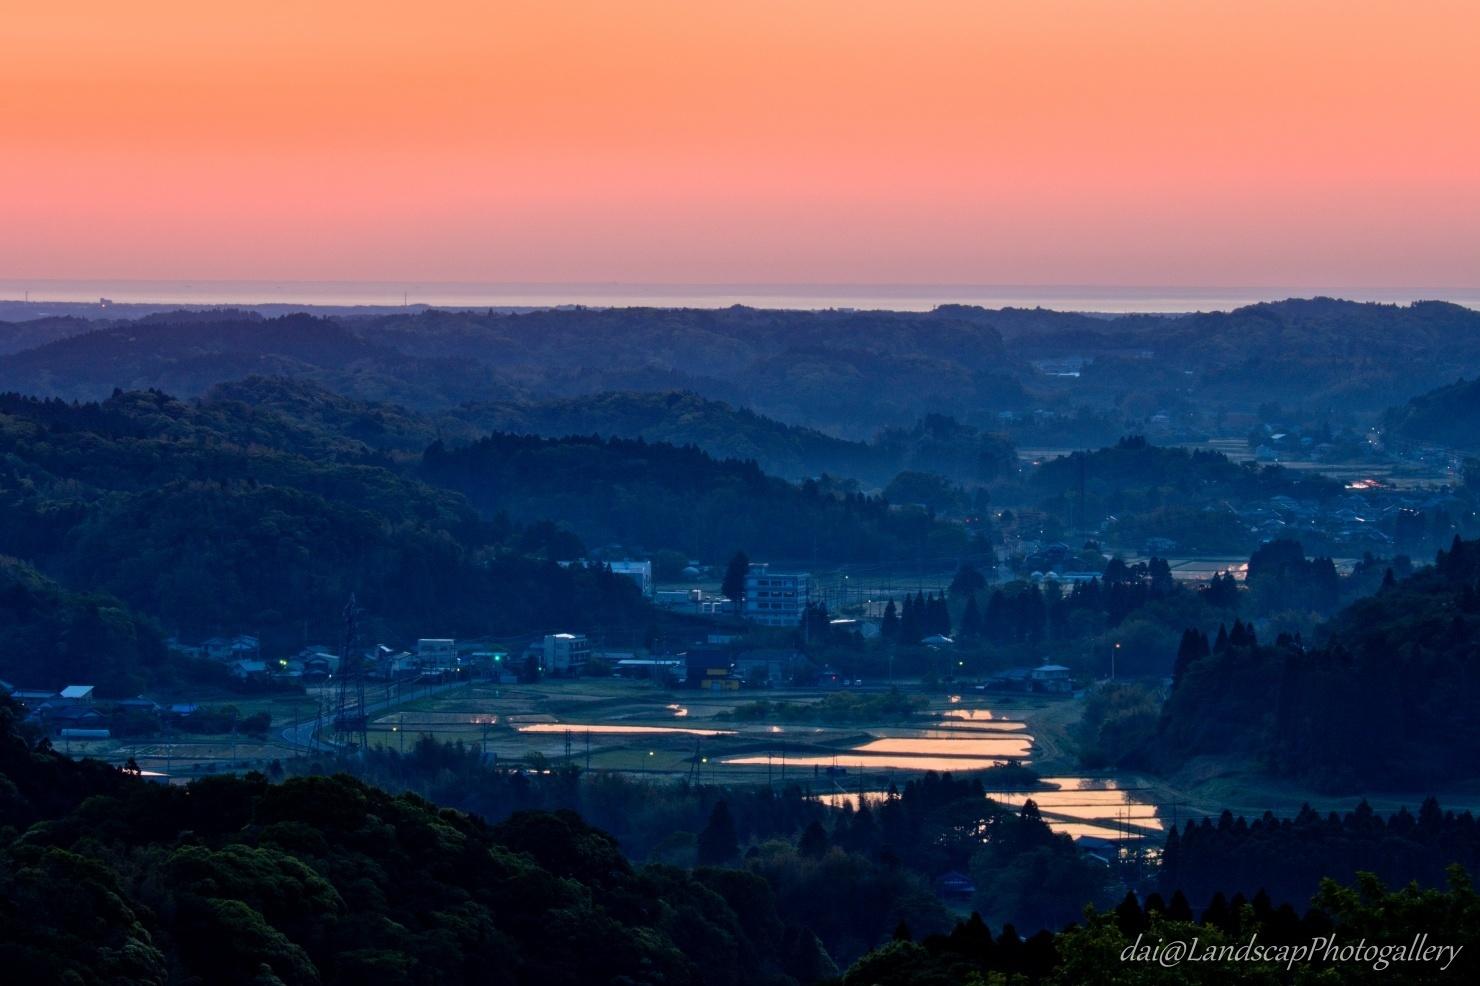 朝焼けの太平洋と房総丘陵